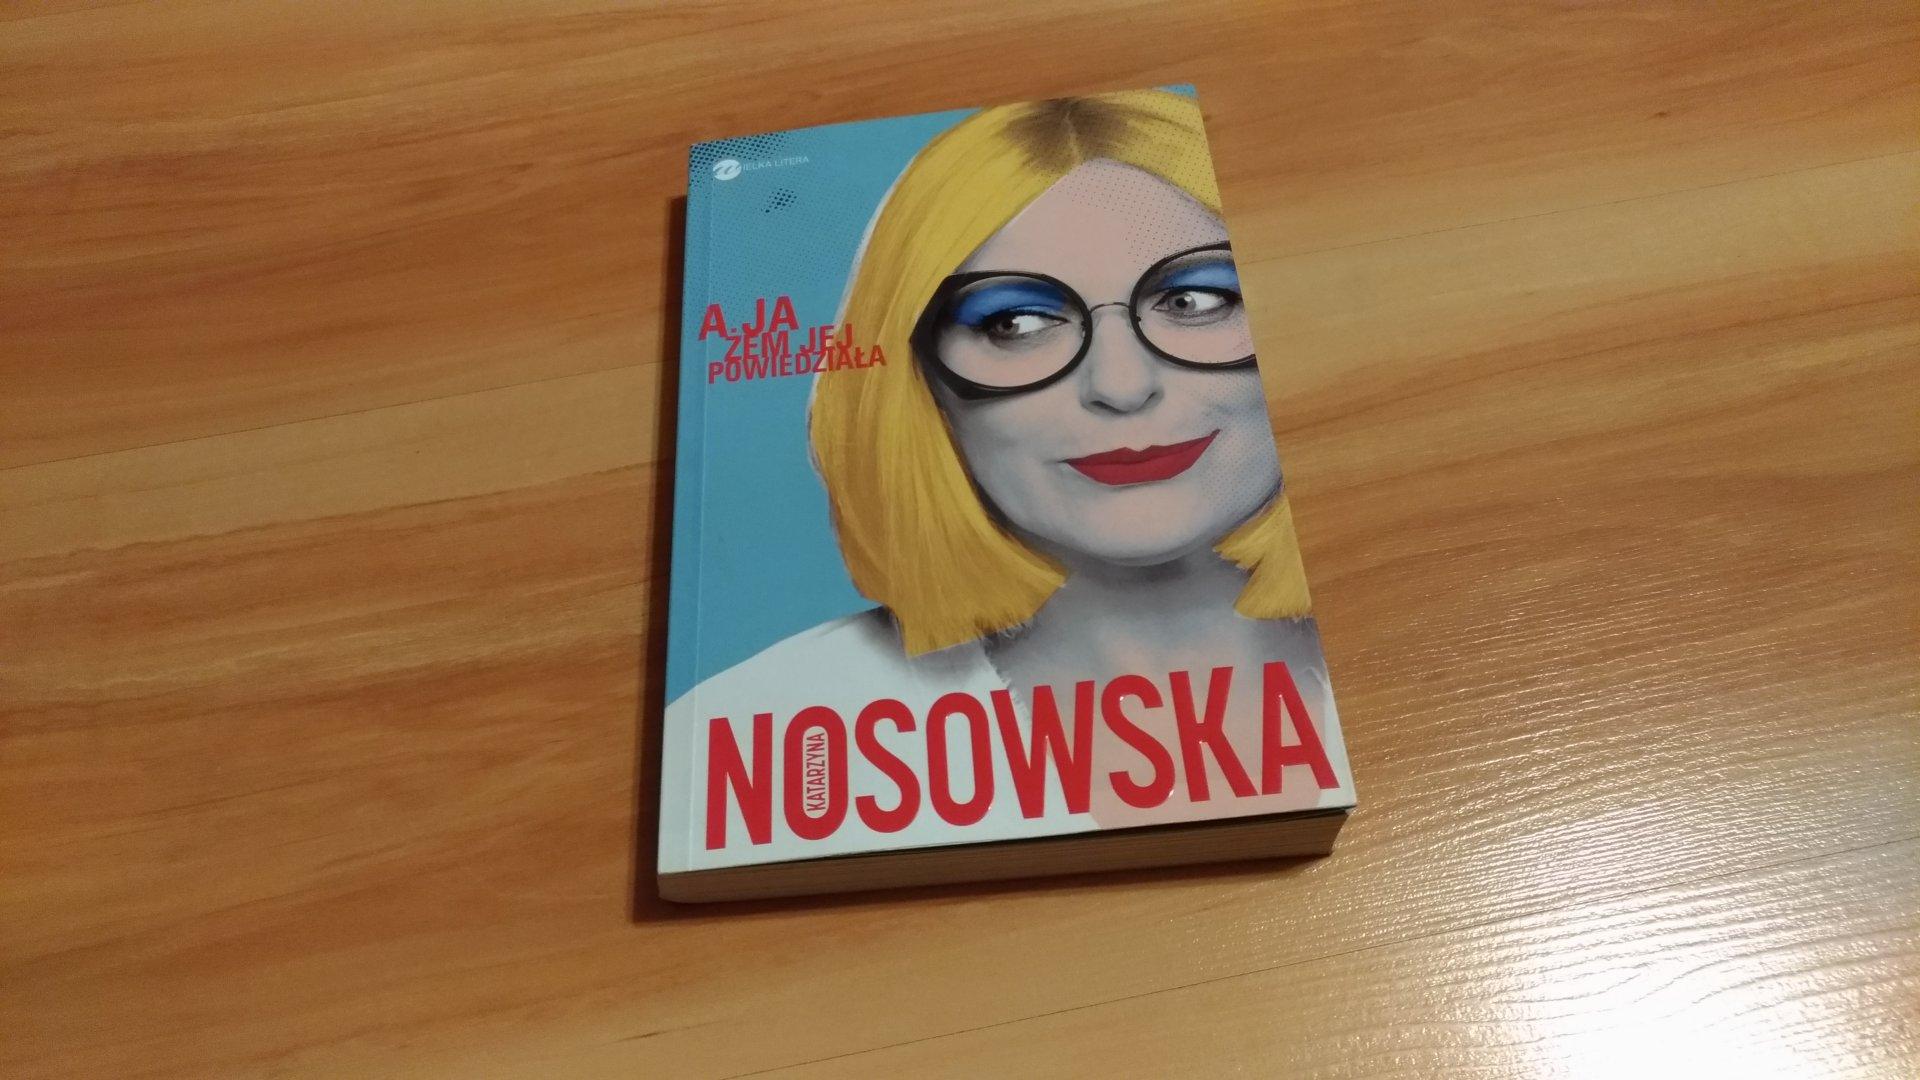 Nosowska